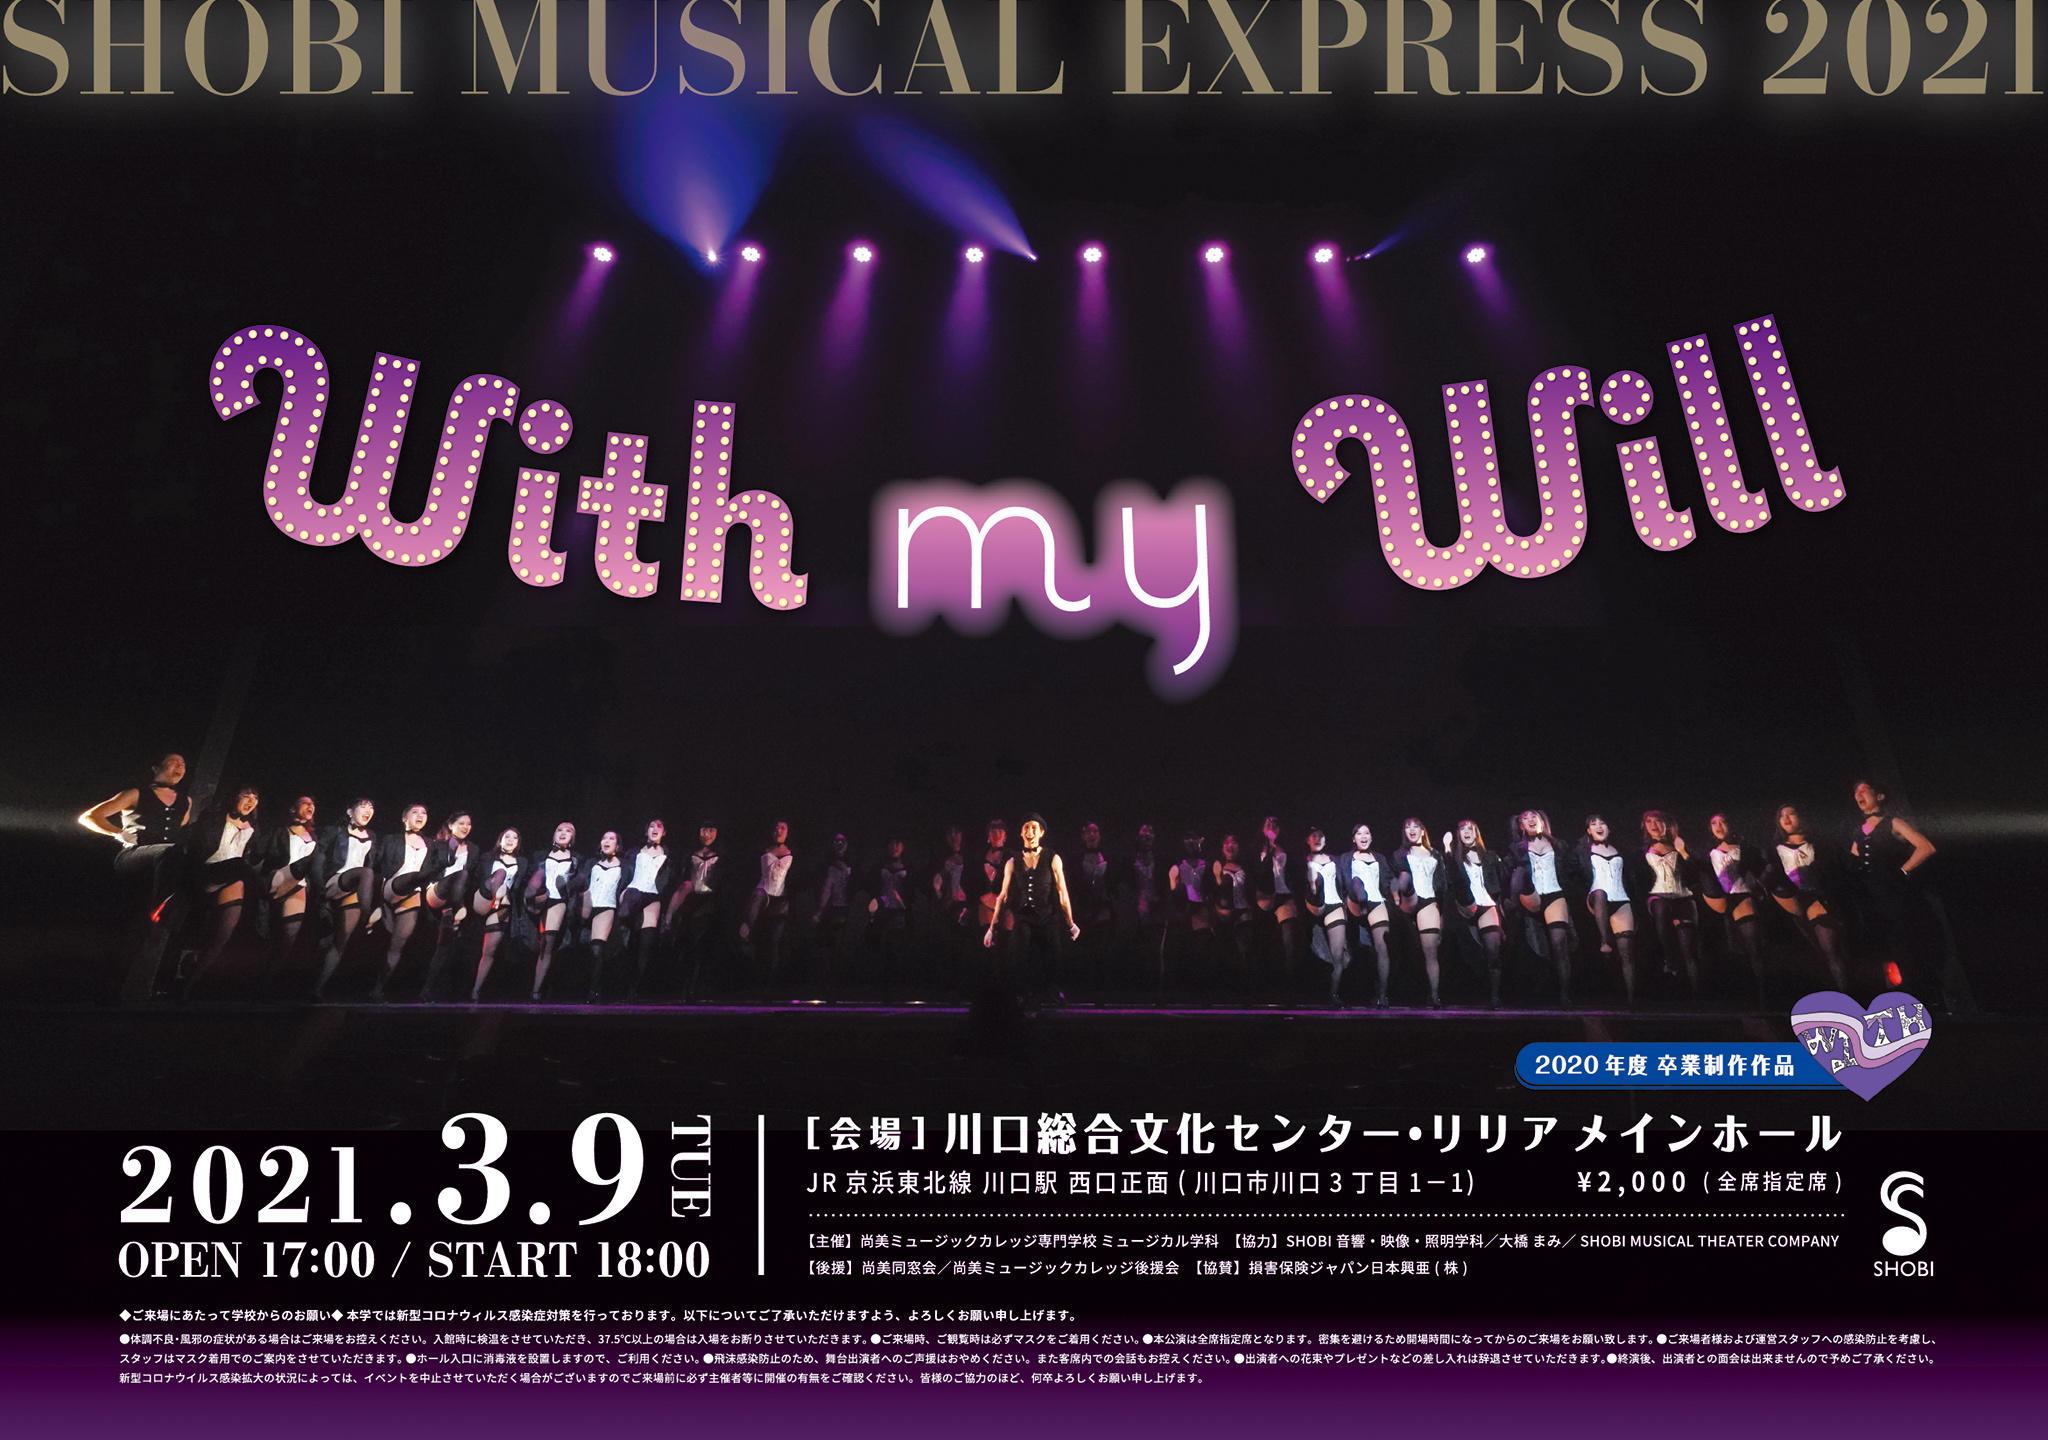 【3月9日開催】ミュージカル学科の2020年度卒業制作作品SHOBI MUSICAL EXPRESS 2021「With my Will」